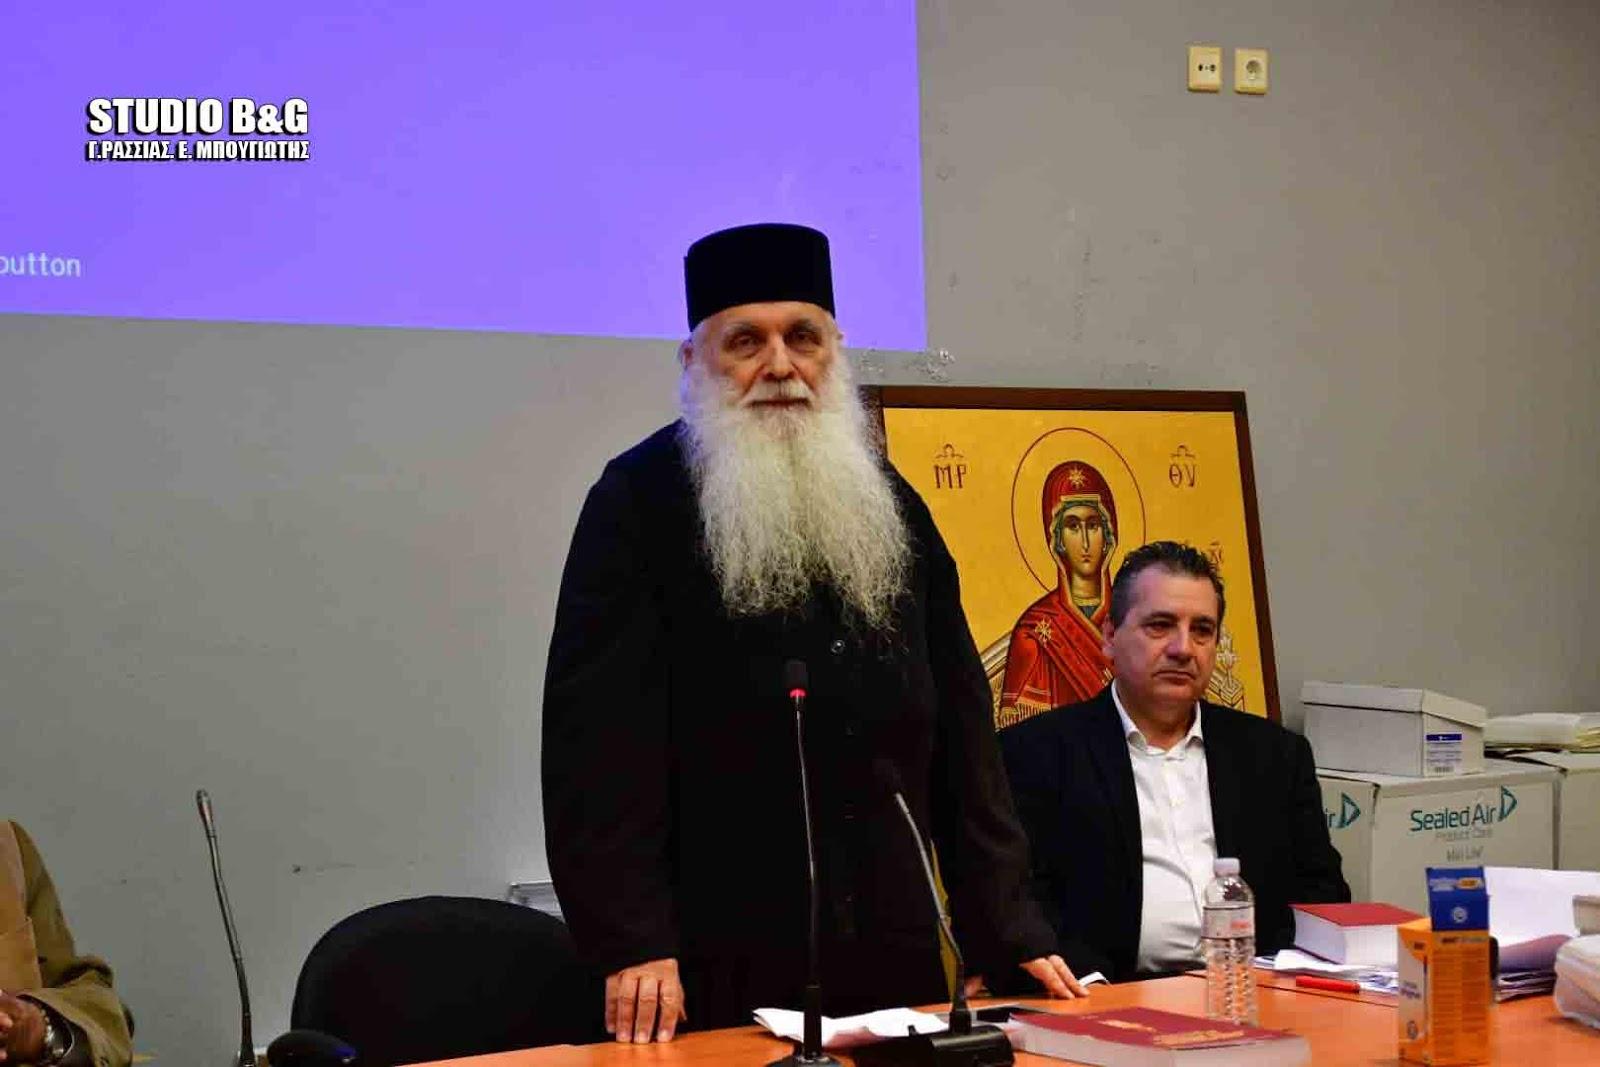 Πραγματοποιήθηκε το Επιμορφωτικό Σεμινάριο Βυζαντινής και Ψαλτικής Μουσικής